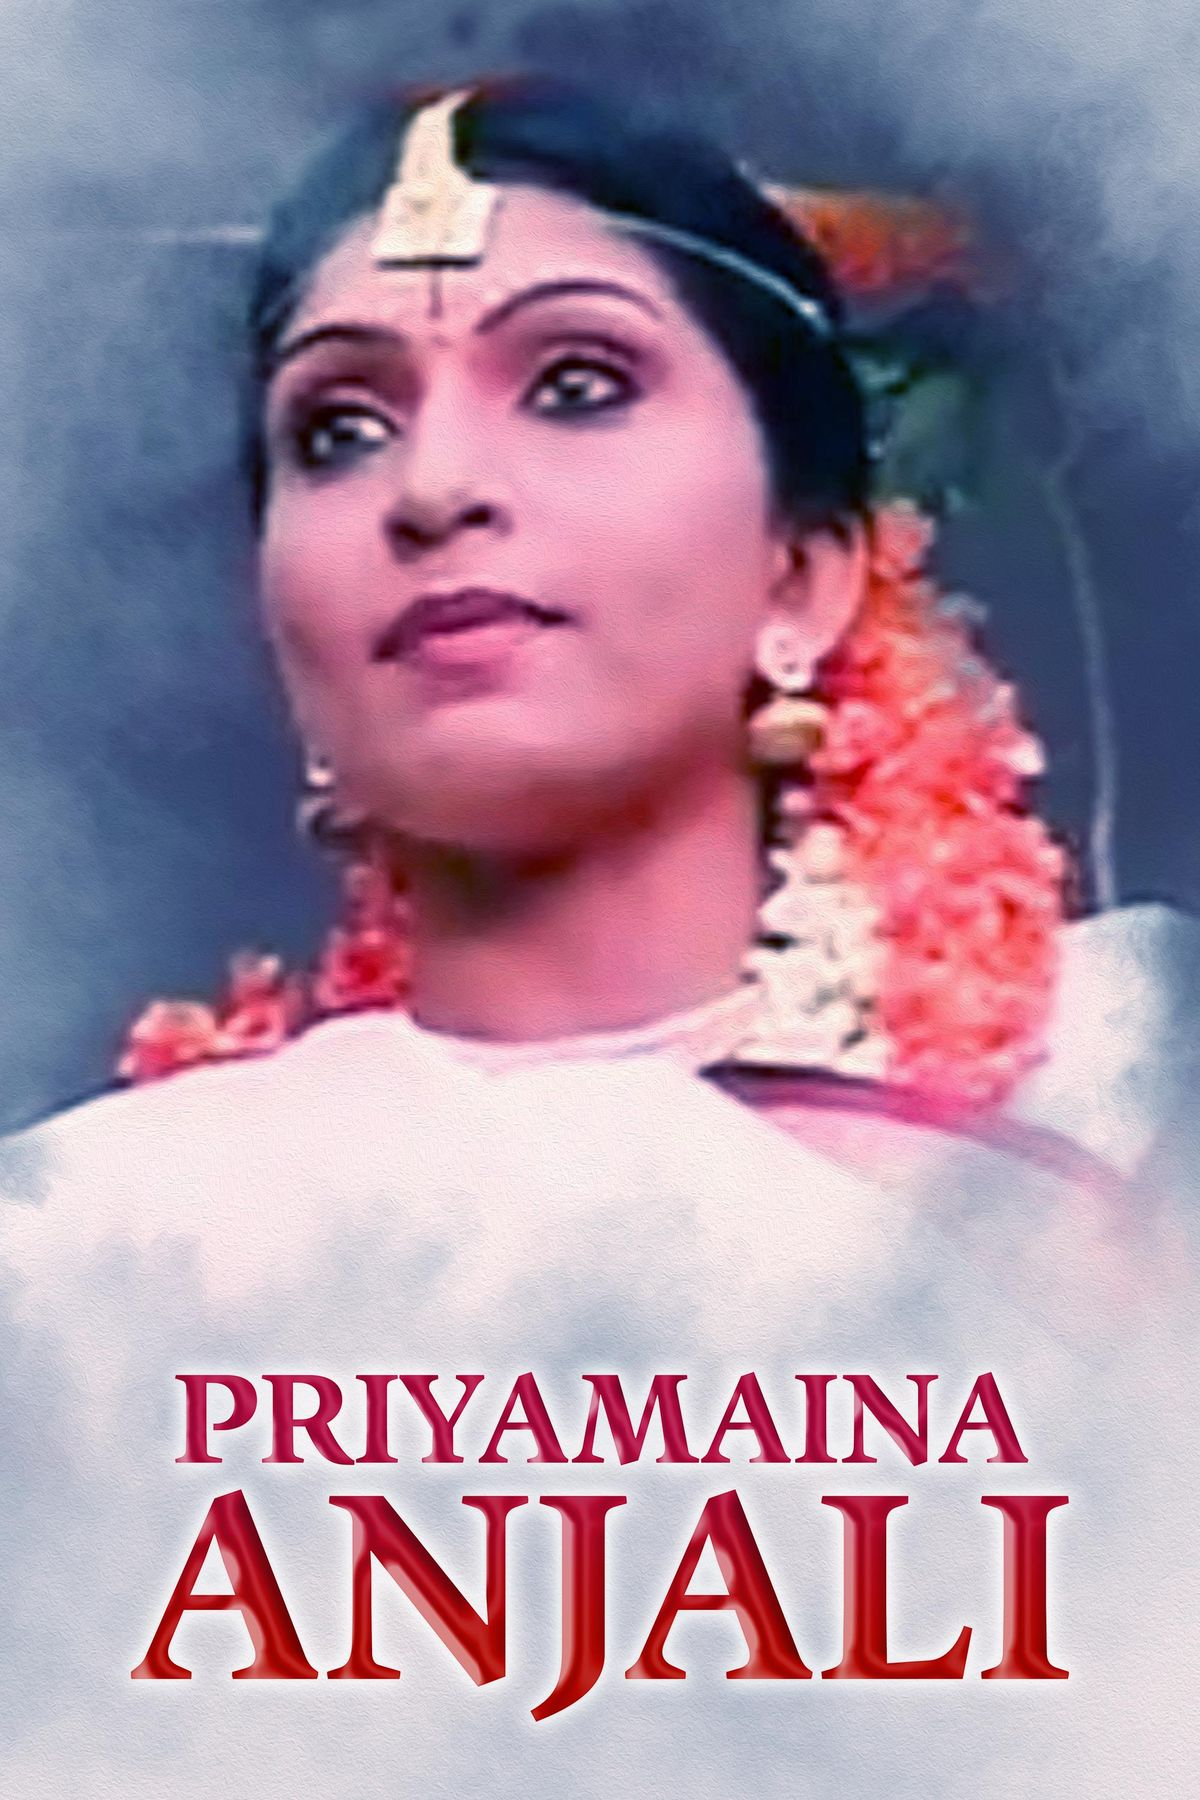 Priyamaina Anjali